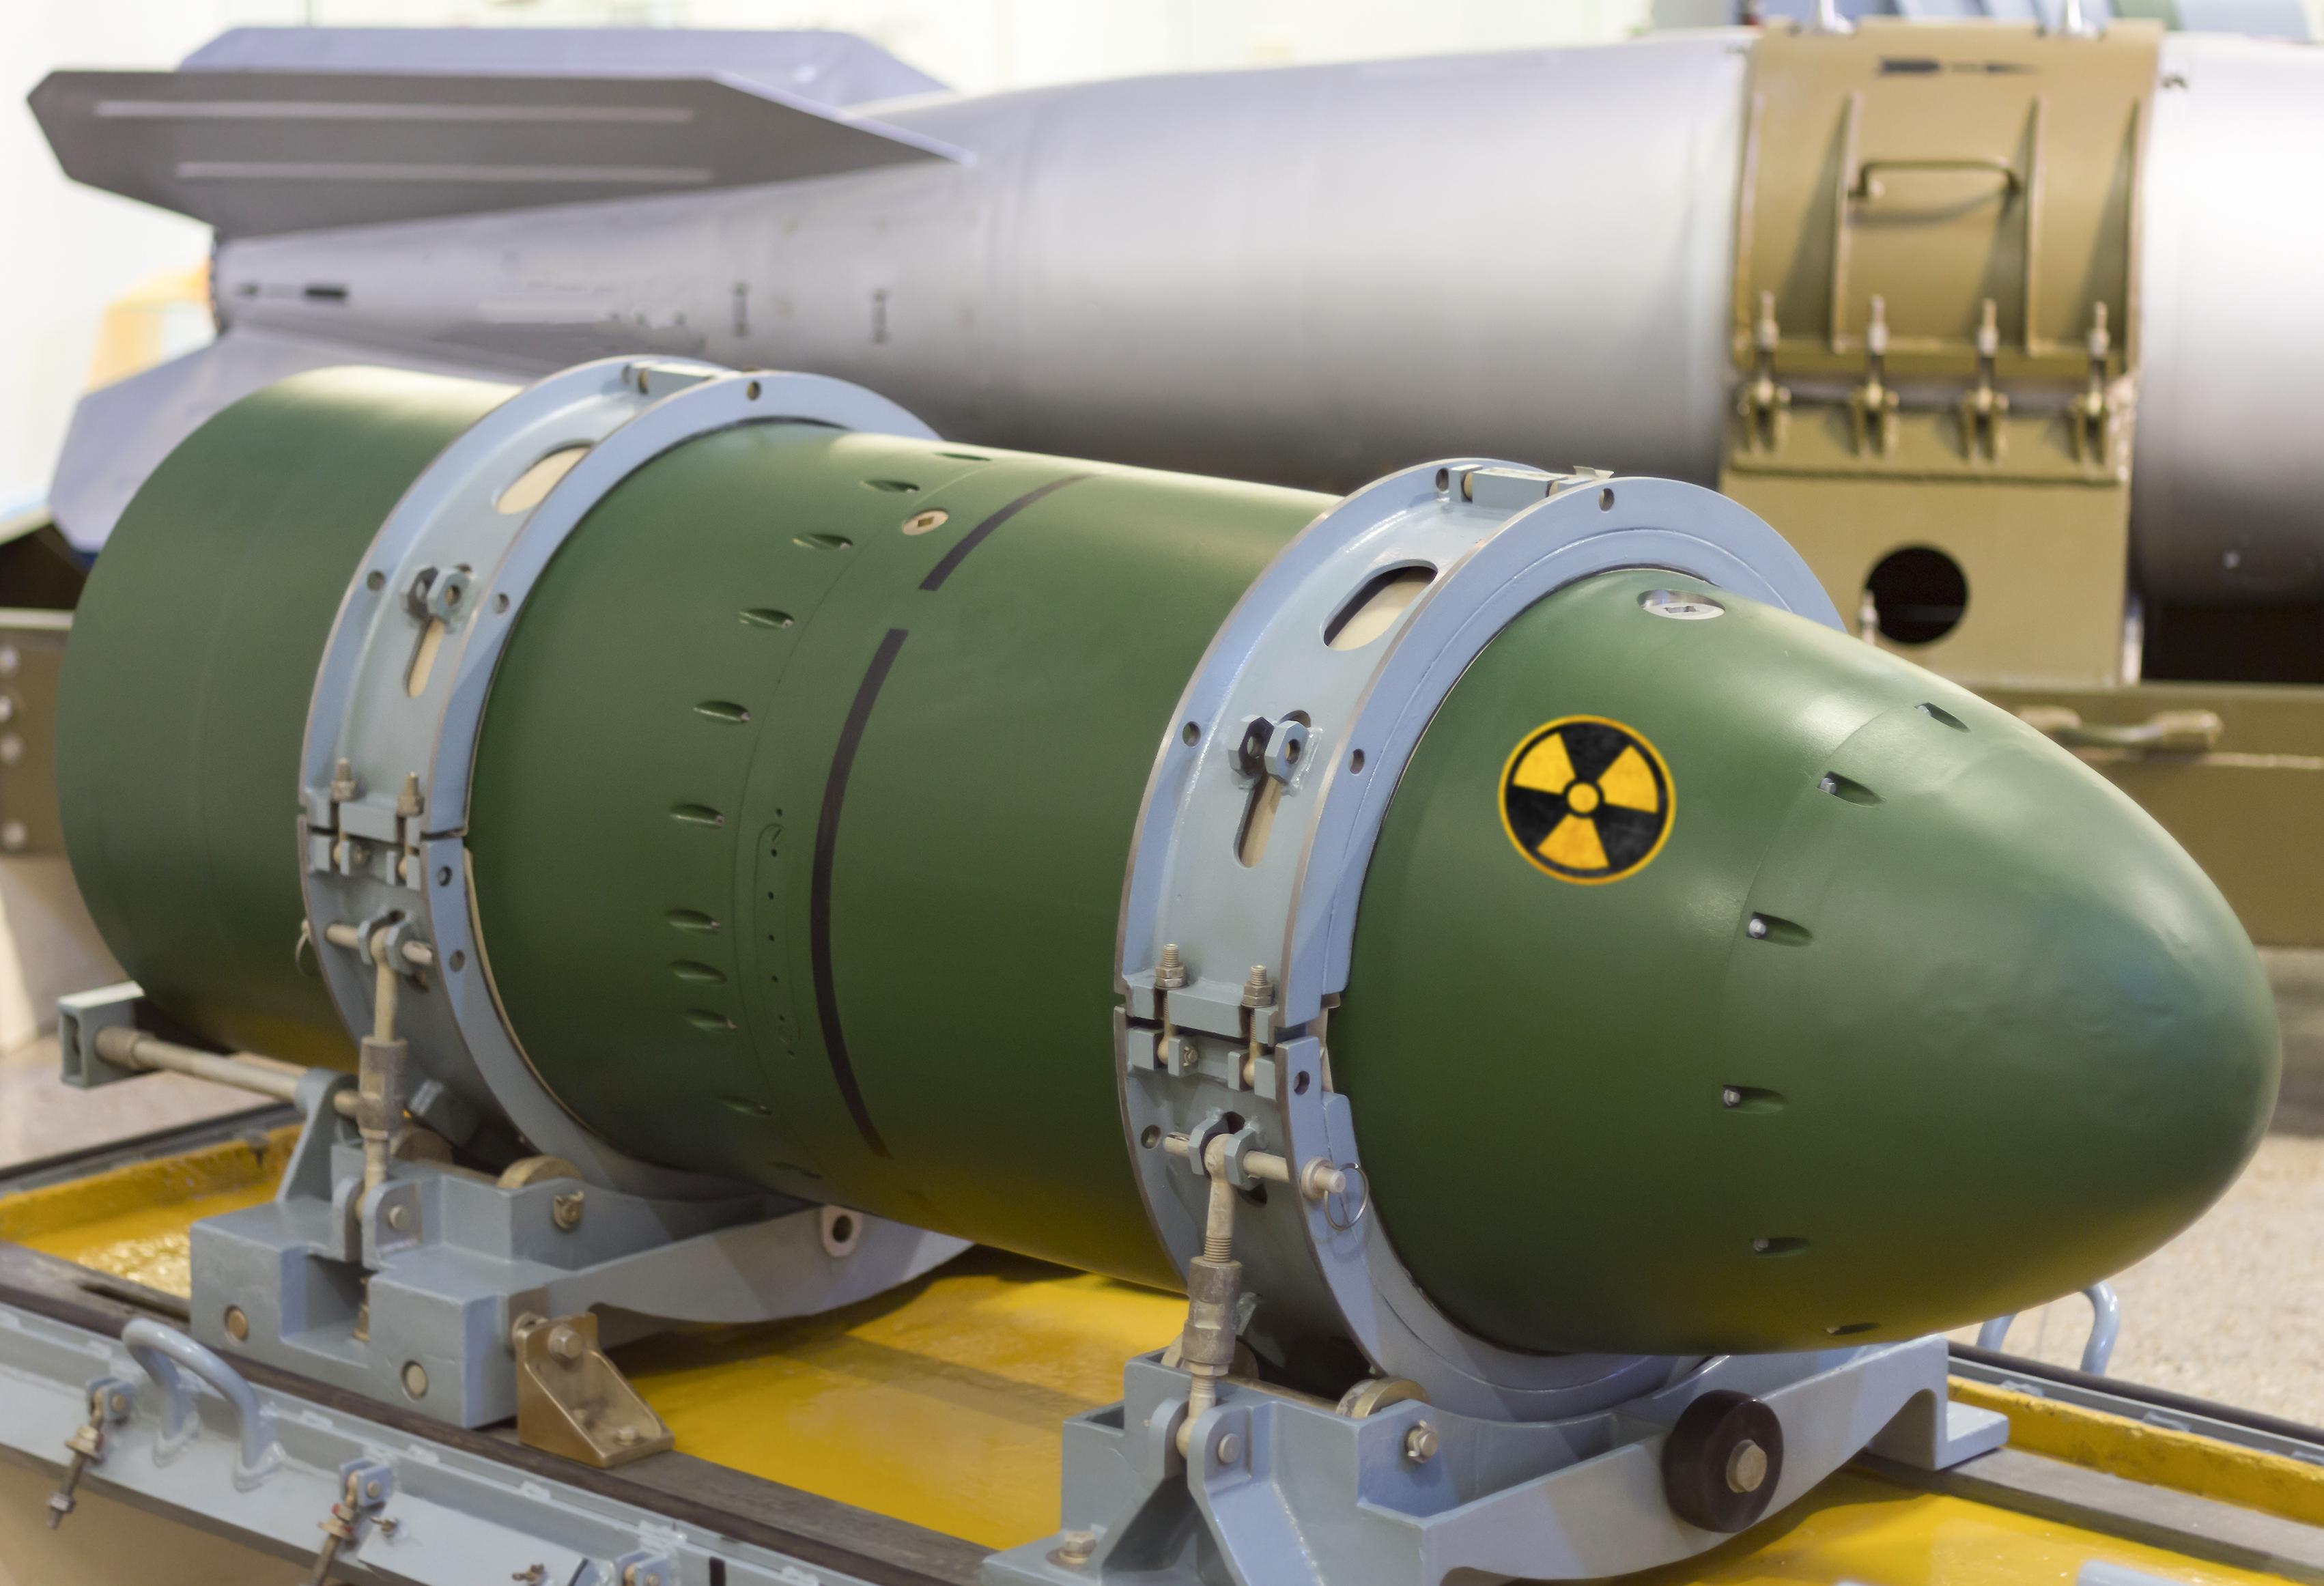 کارشناسان پیمان منع گسترش سلاح های هسته ای را 50 سال پس از لازم الاجرا شدن ارزیابی می کنند